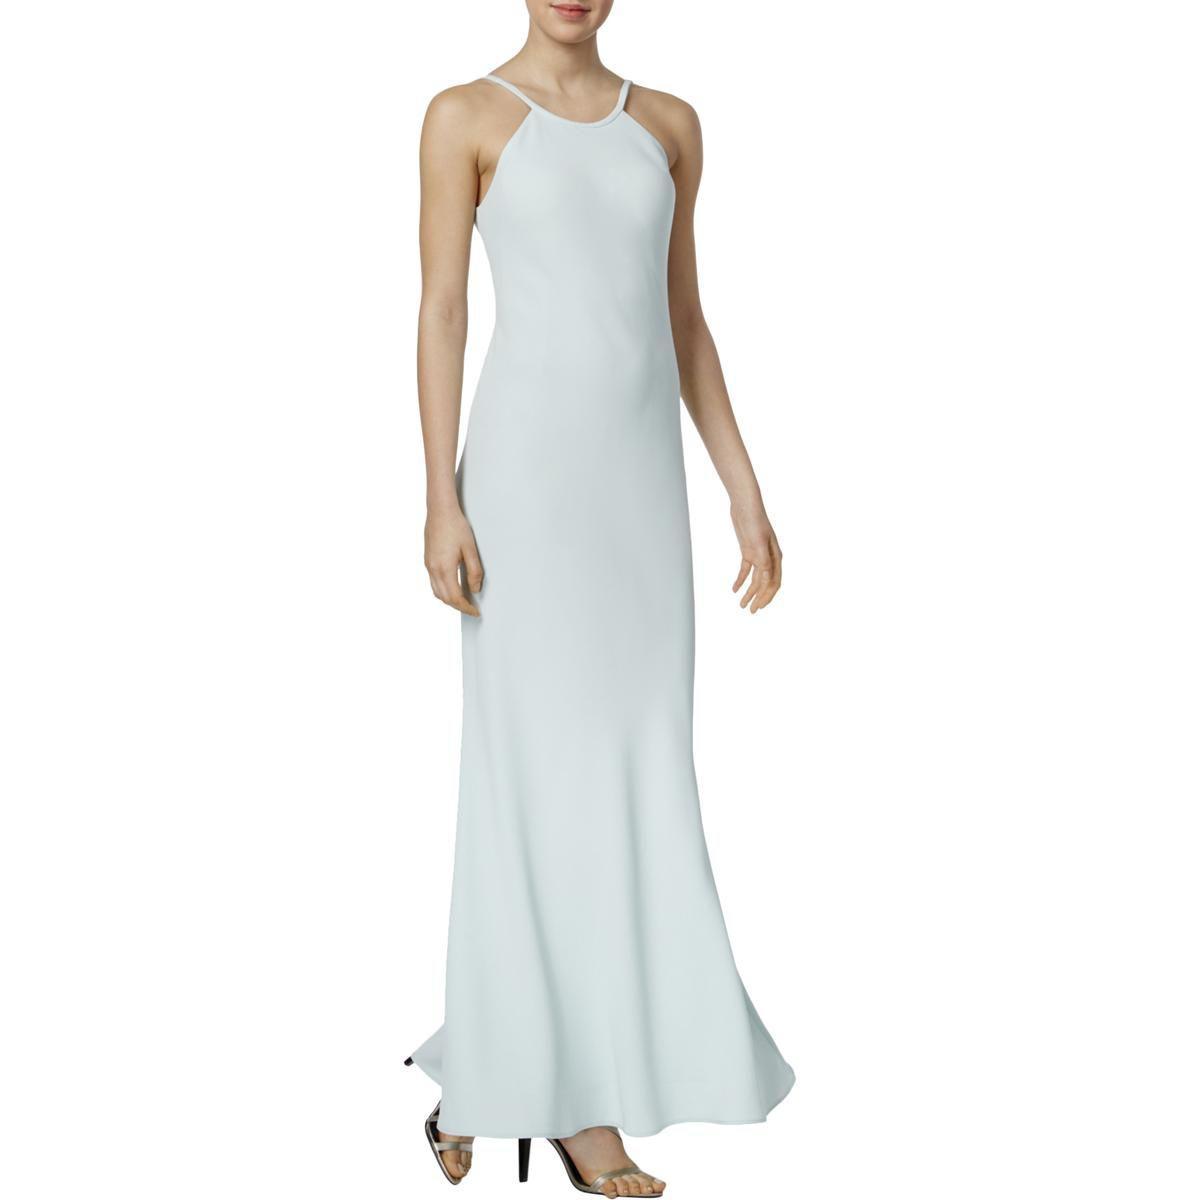 Lyst Calvin Klein Womens Scoop Neck Spaghetti Straps Evening Dress